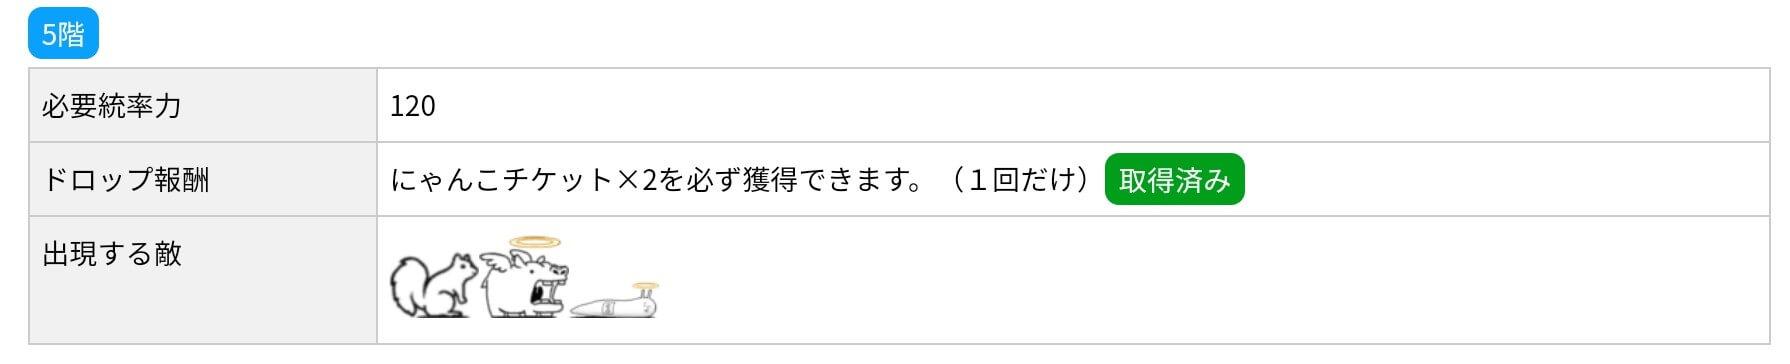 にゃんこ別塔(天)5階 敵編成